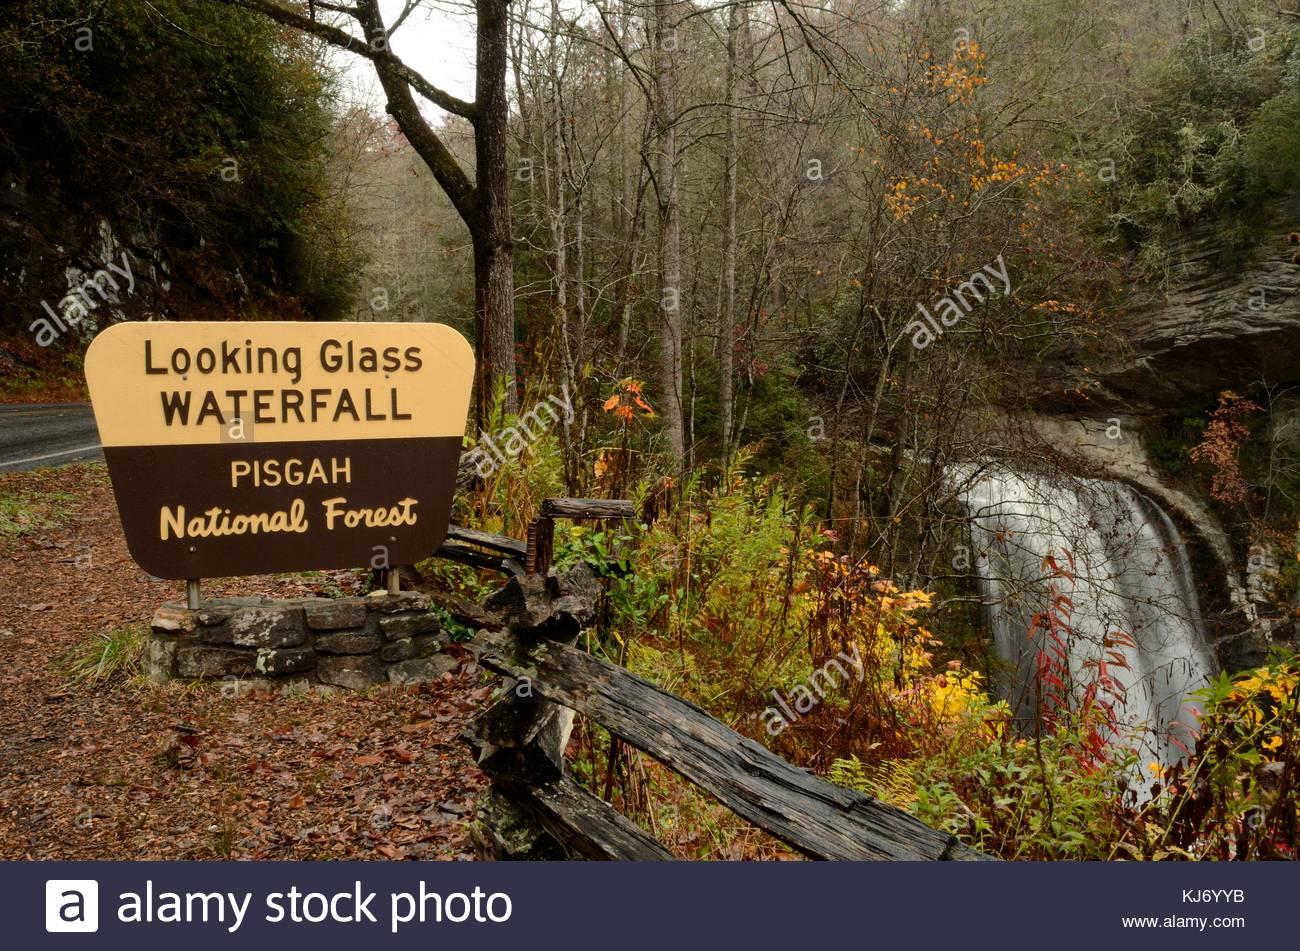 Panneau d'interprétation, à la tombe de verre, Pisgah National Forest dans le Nord Carolina Mountains. Chute d'eau Banque D'Images